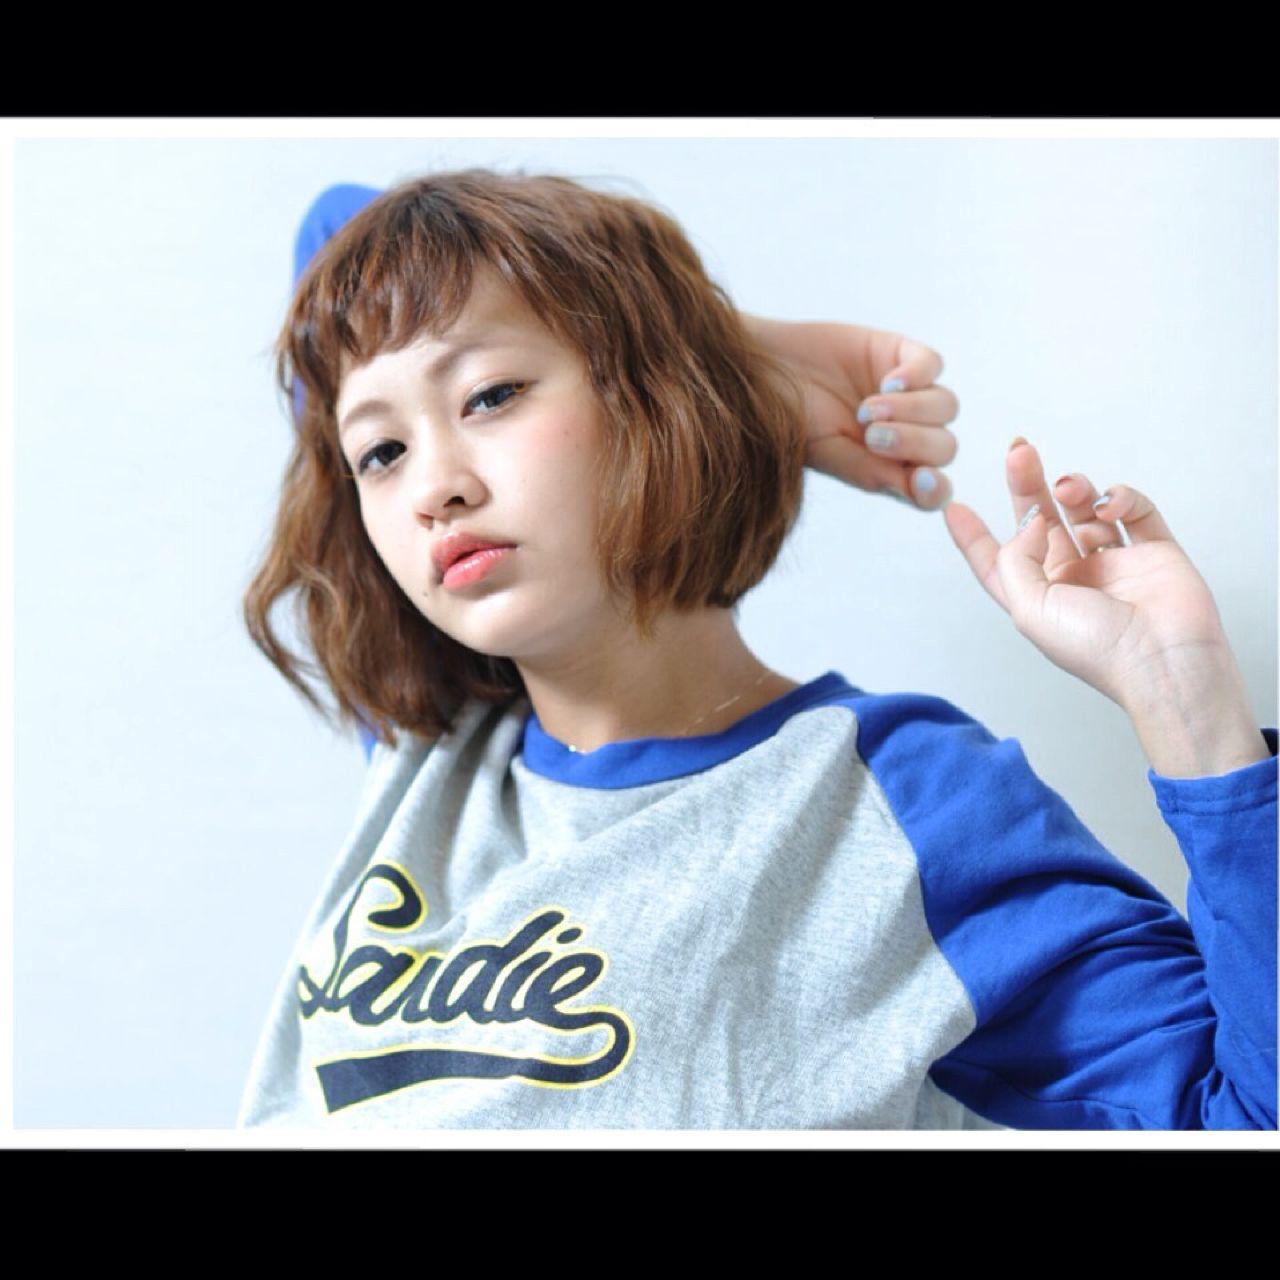 ボブ 抜け感 ウェーブ パーマ ヘアスタイルや髪型の写真・画像 | 川端梨紗 / lafith hair vail